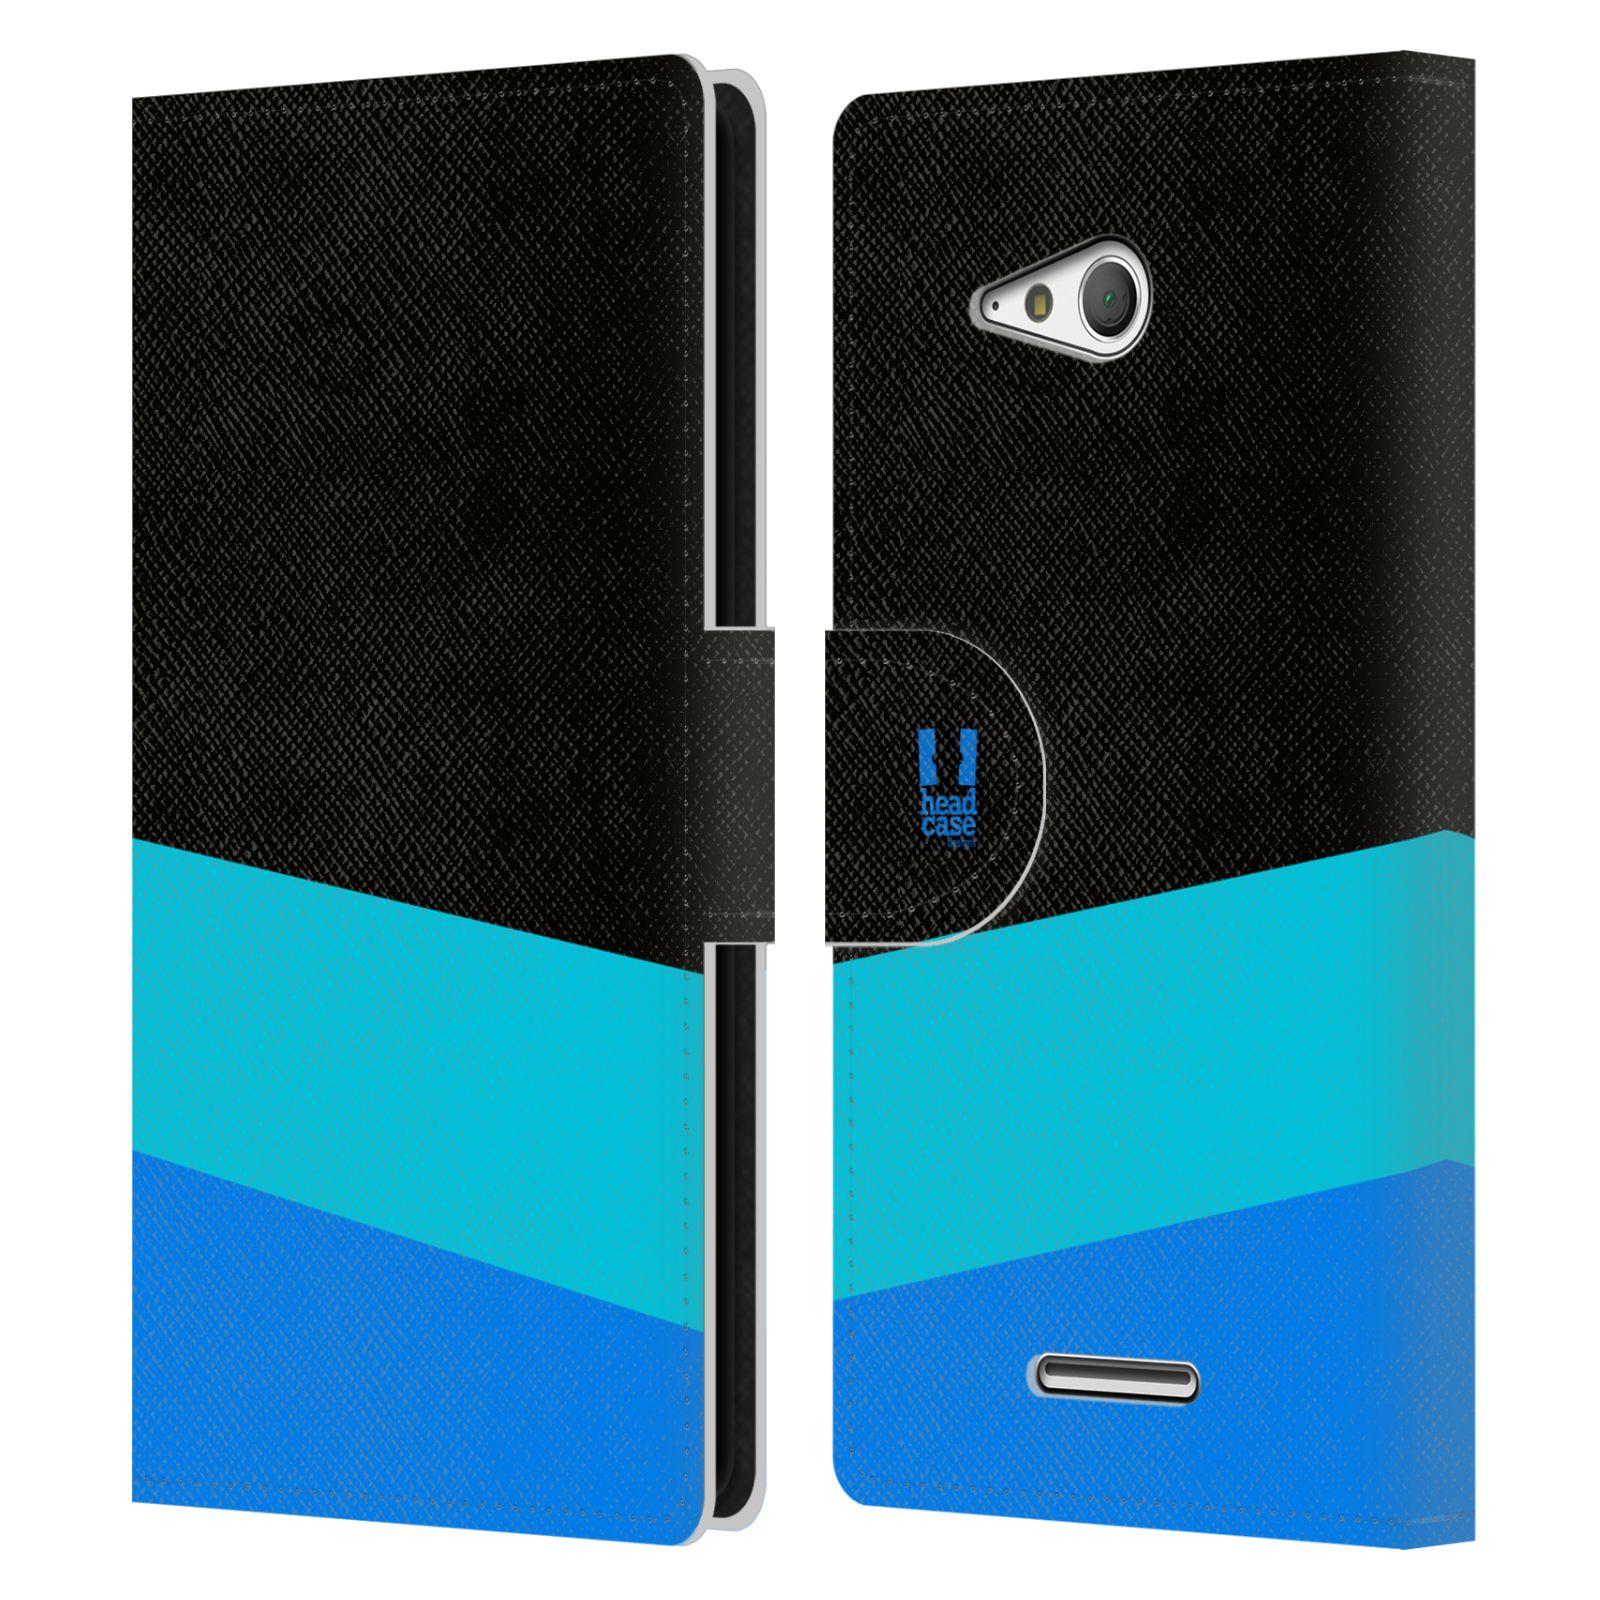 HEAD CASE Flipové pouzdro pro mobil SONY Xperia E4g barevné tvary modrá a černá FORMAL